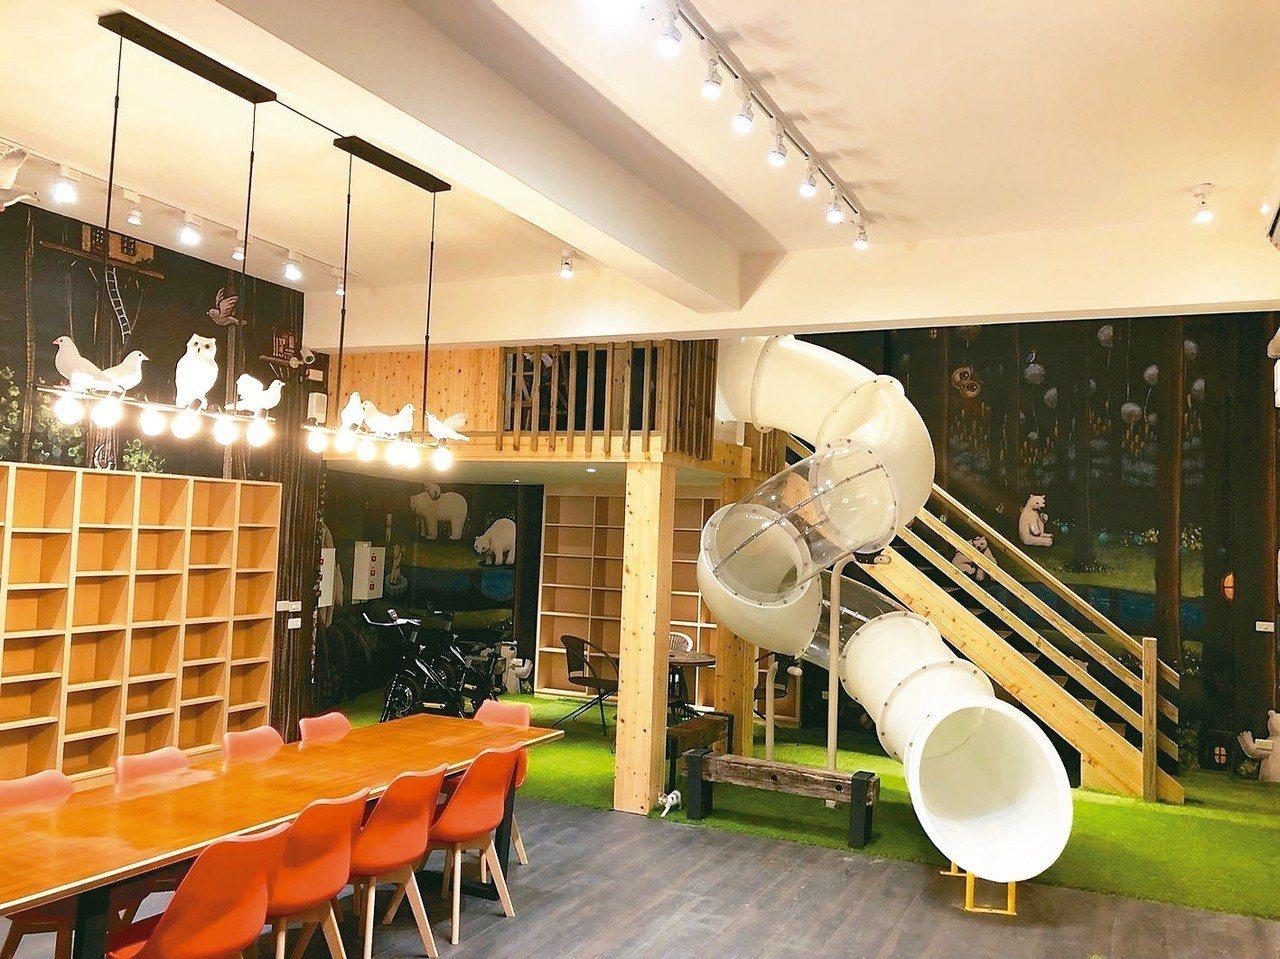 經過設計及整修,陳樹菊圖書館二樓變身為「學校星巴克」。 圖/黃明展提供